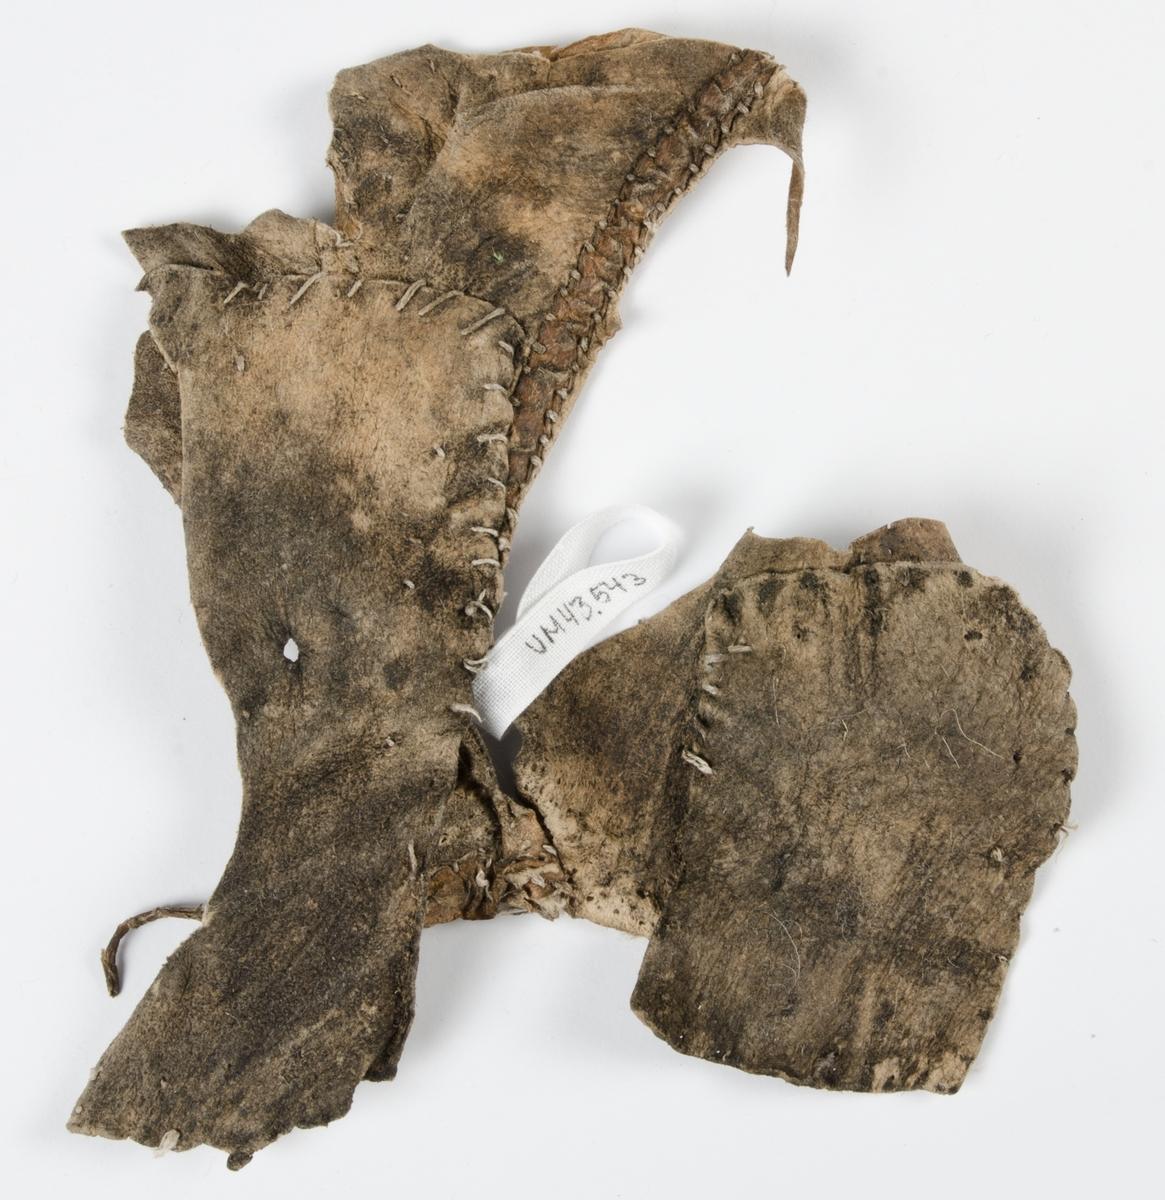 Fragment av pälsplagg. Eventuellt del av ärmhål, sidostycke och bakstycke. Osäkert vad det varit del av för plagg.